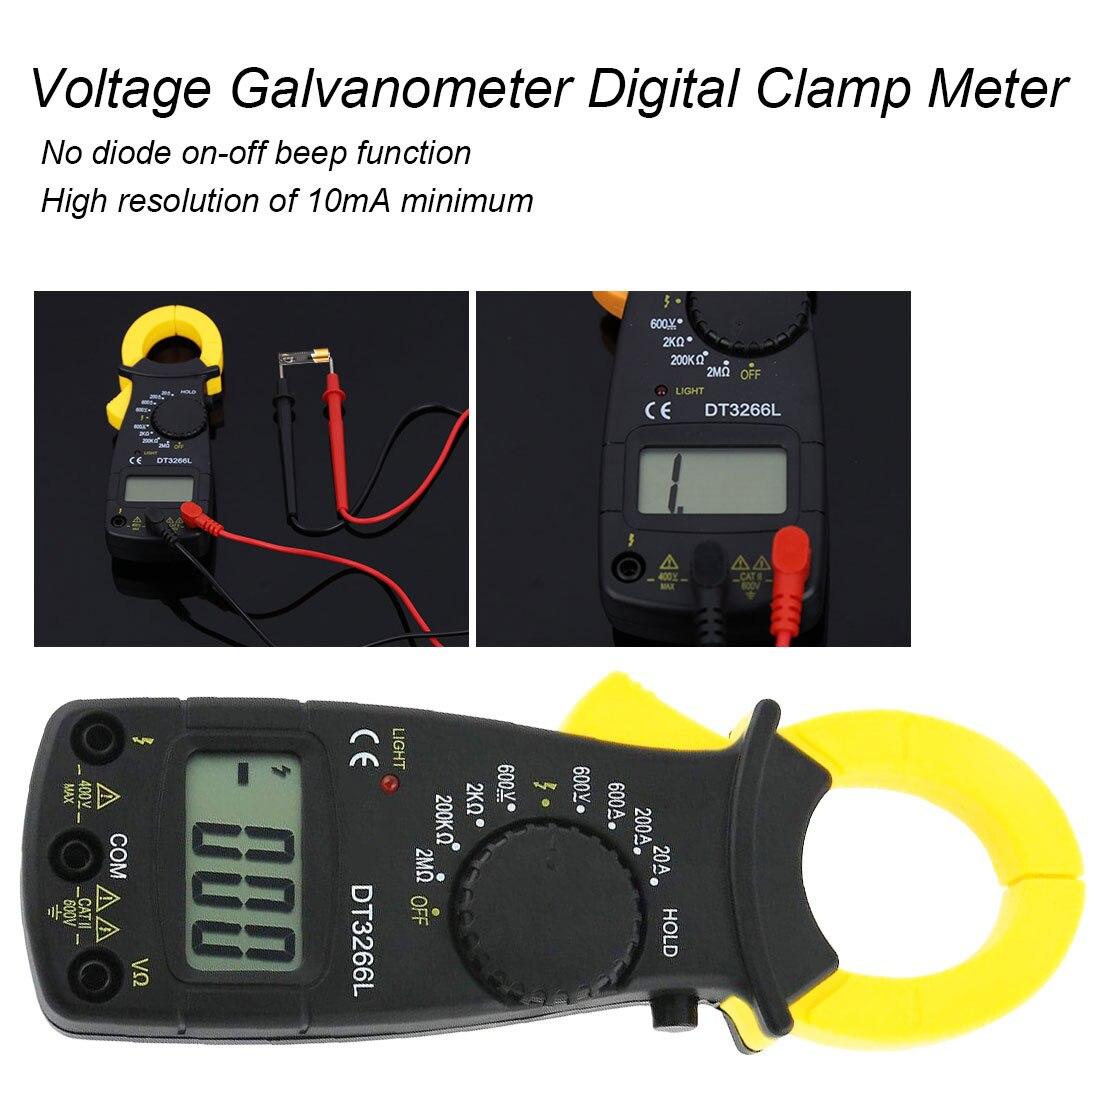 Digital Clamp Meter AC DC Multimeter Resistance Voltmeter Ammeter Ohm Current Voltage Tester DT3266L Hand-held Clamp Meter